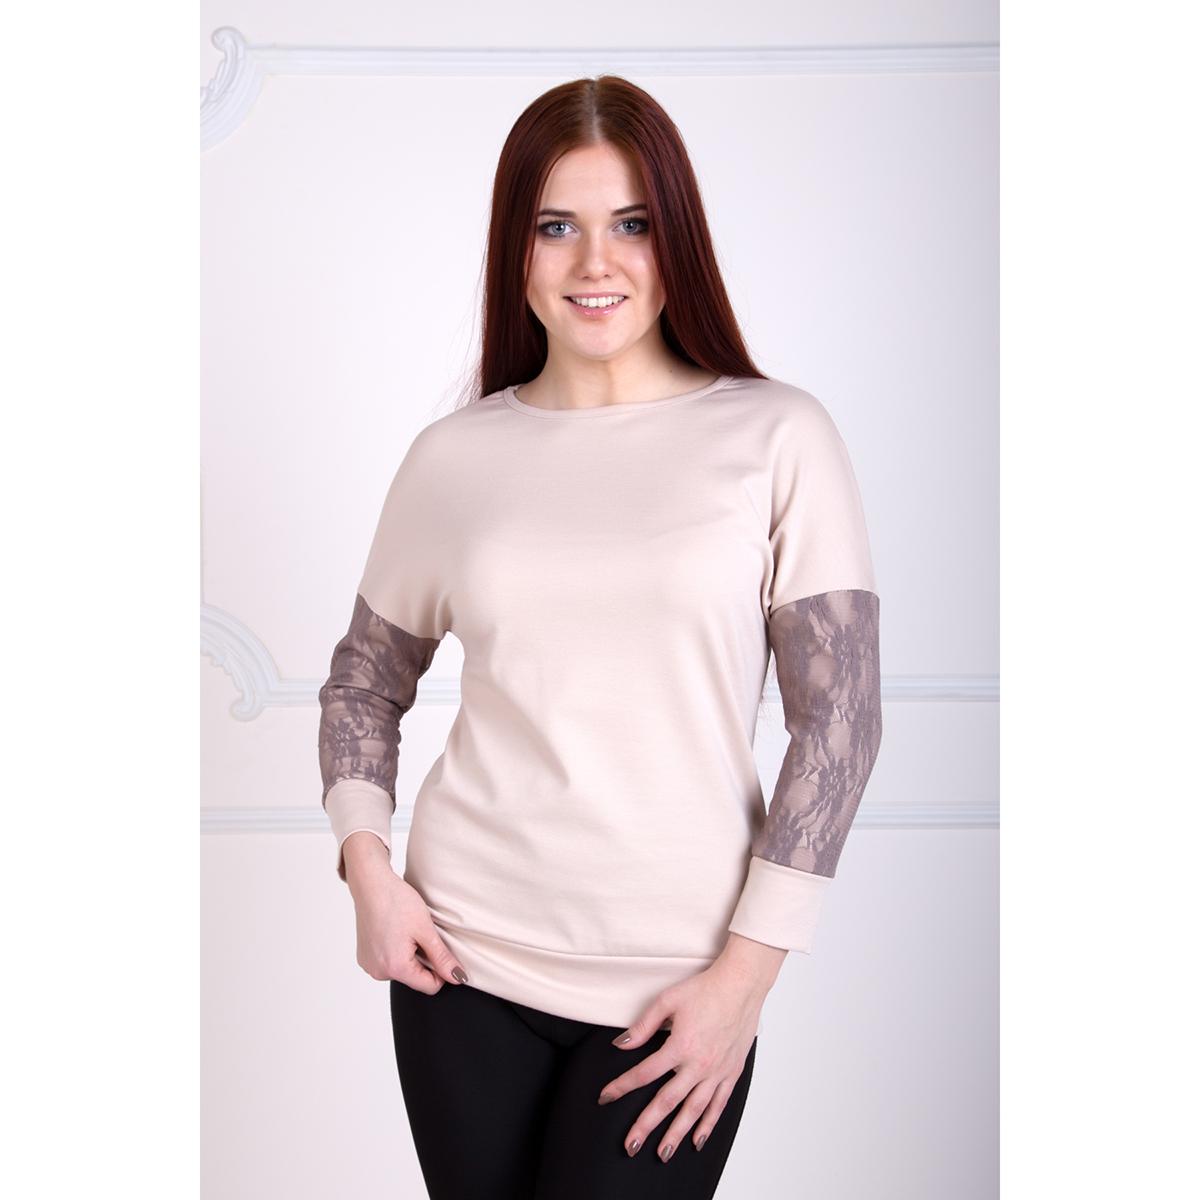 Женская блуза Лиана, размер 52Блузы<br>Обхват груди:104 см<br>Обхват талии:85 см<br>Обхват бедер:112 см<br>Рост:167 см<br><br>Тип: Жен. блуза<br>Размер: 52<br>Материал: Милано